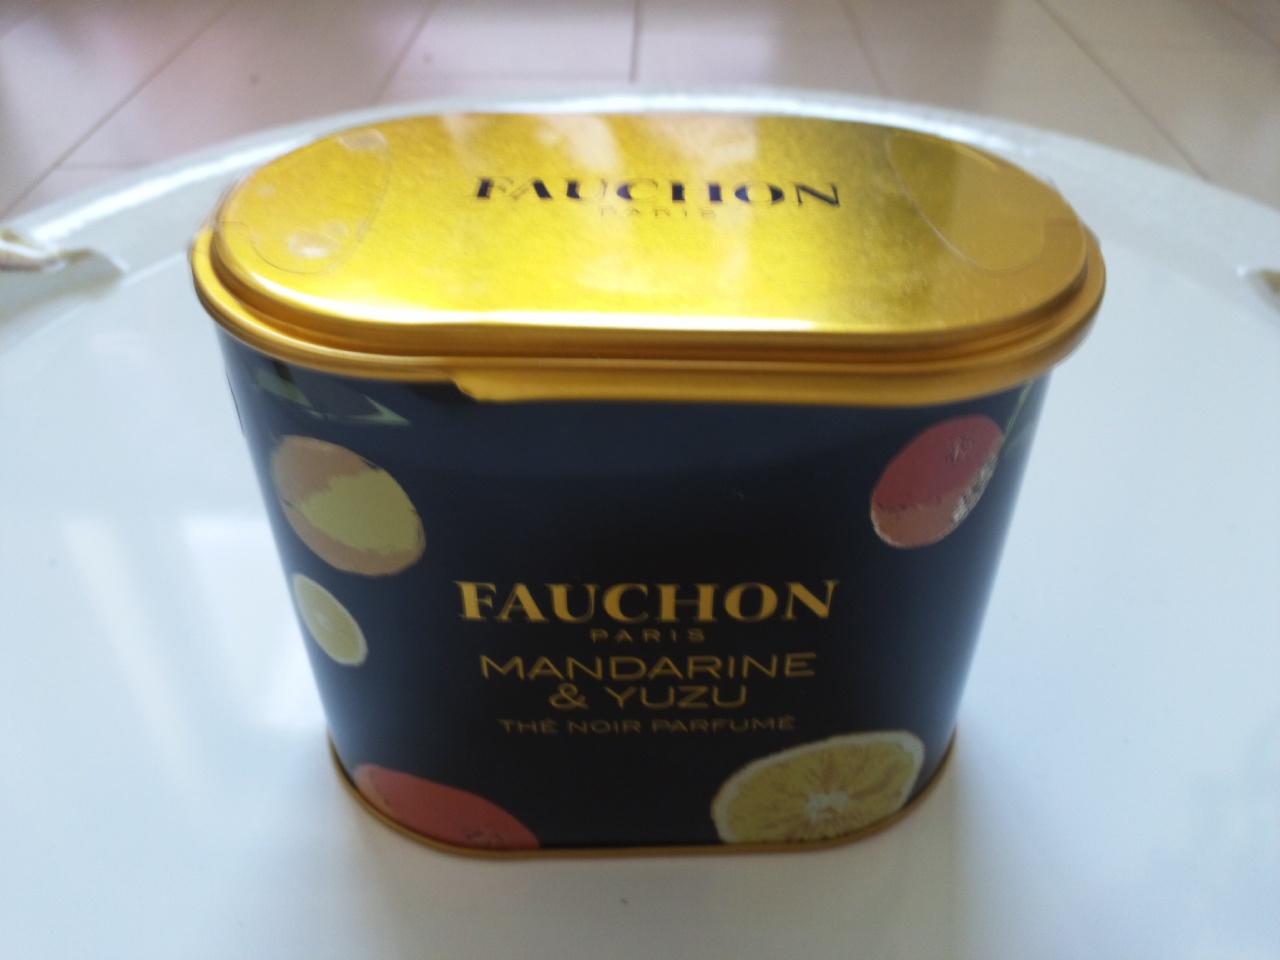 FAUCHON!